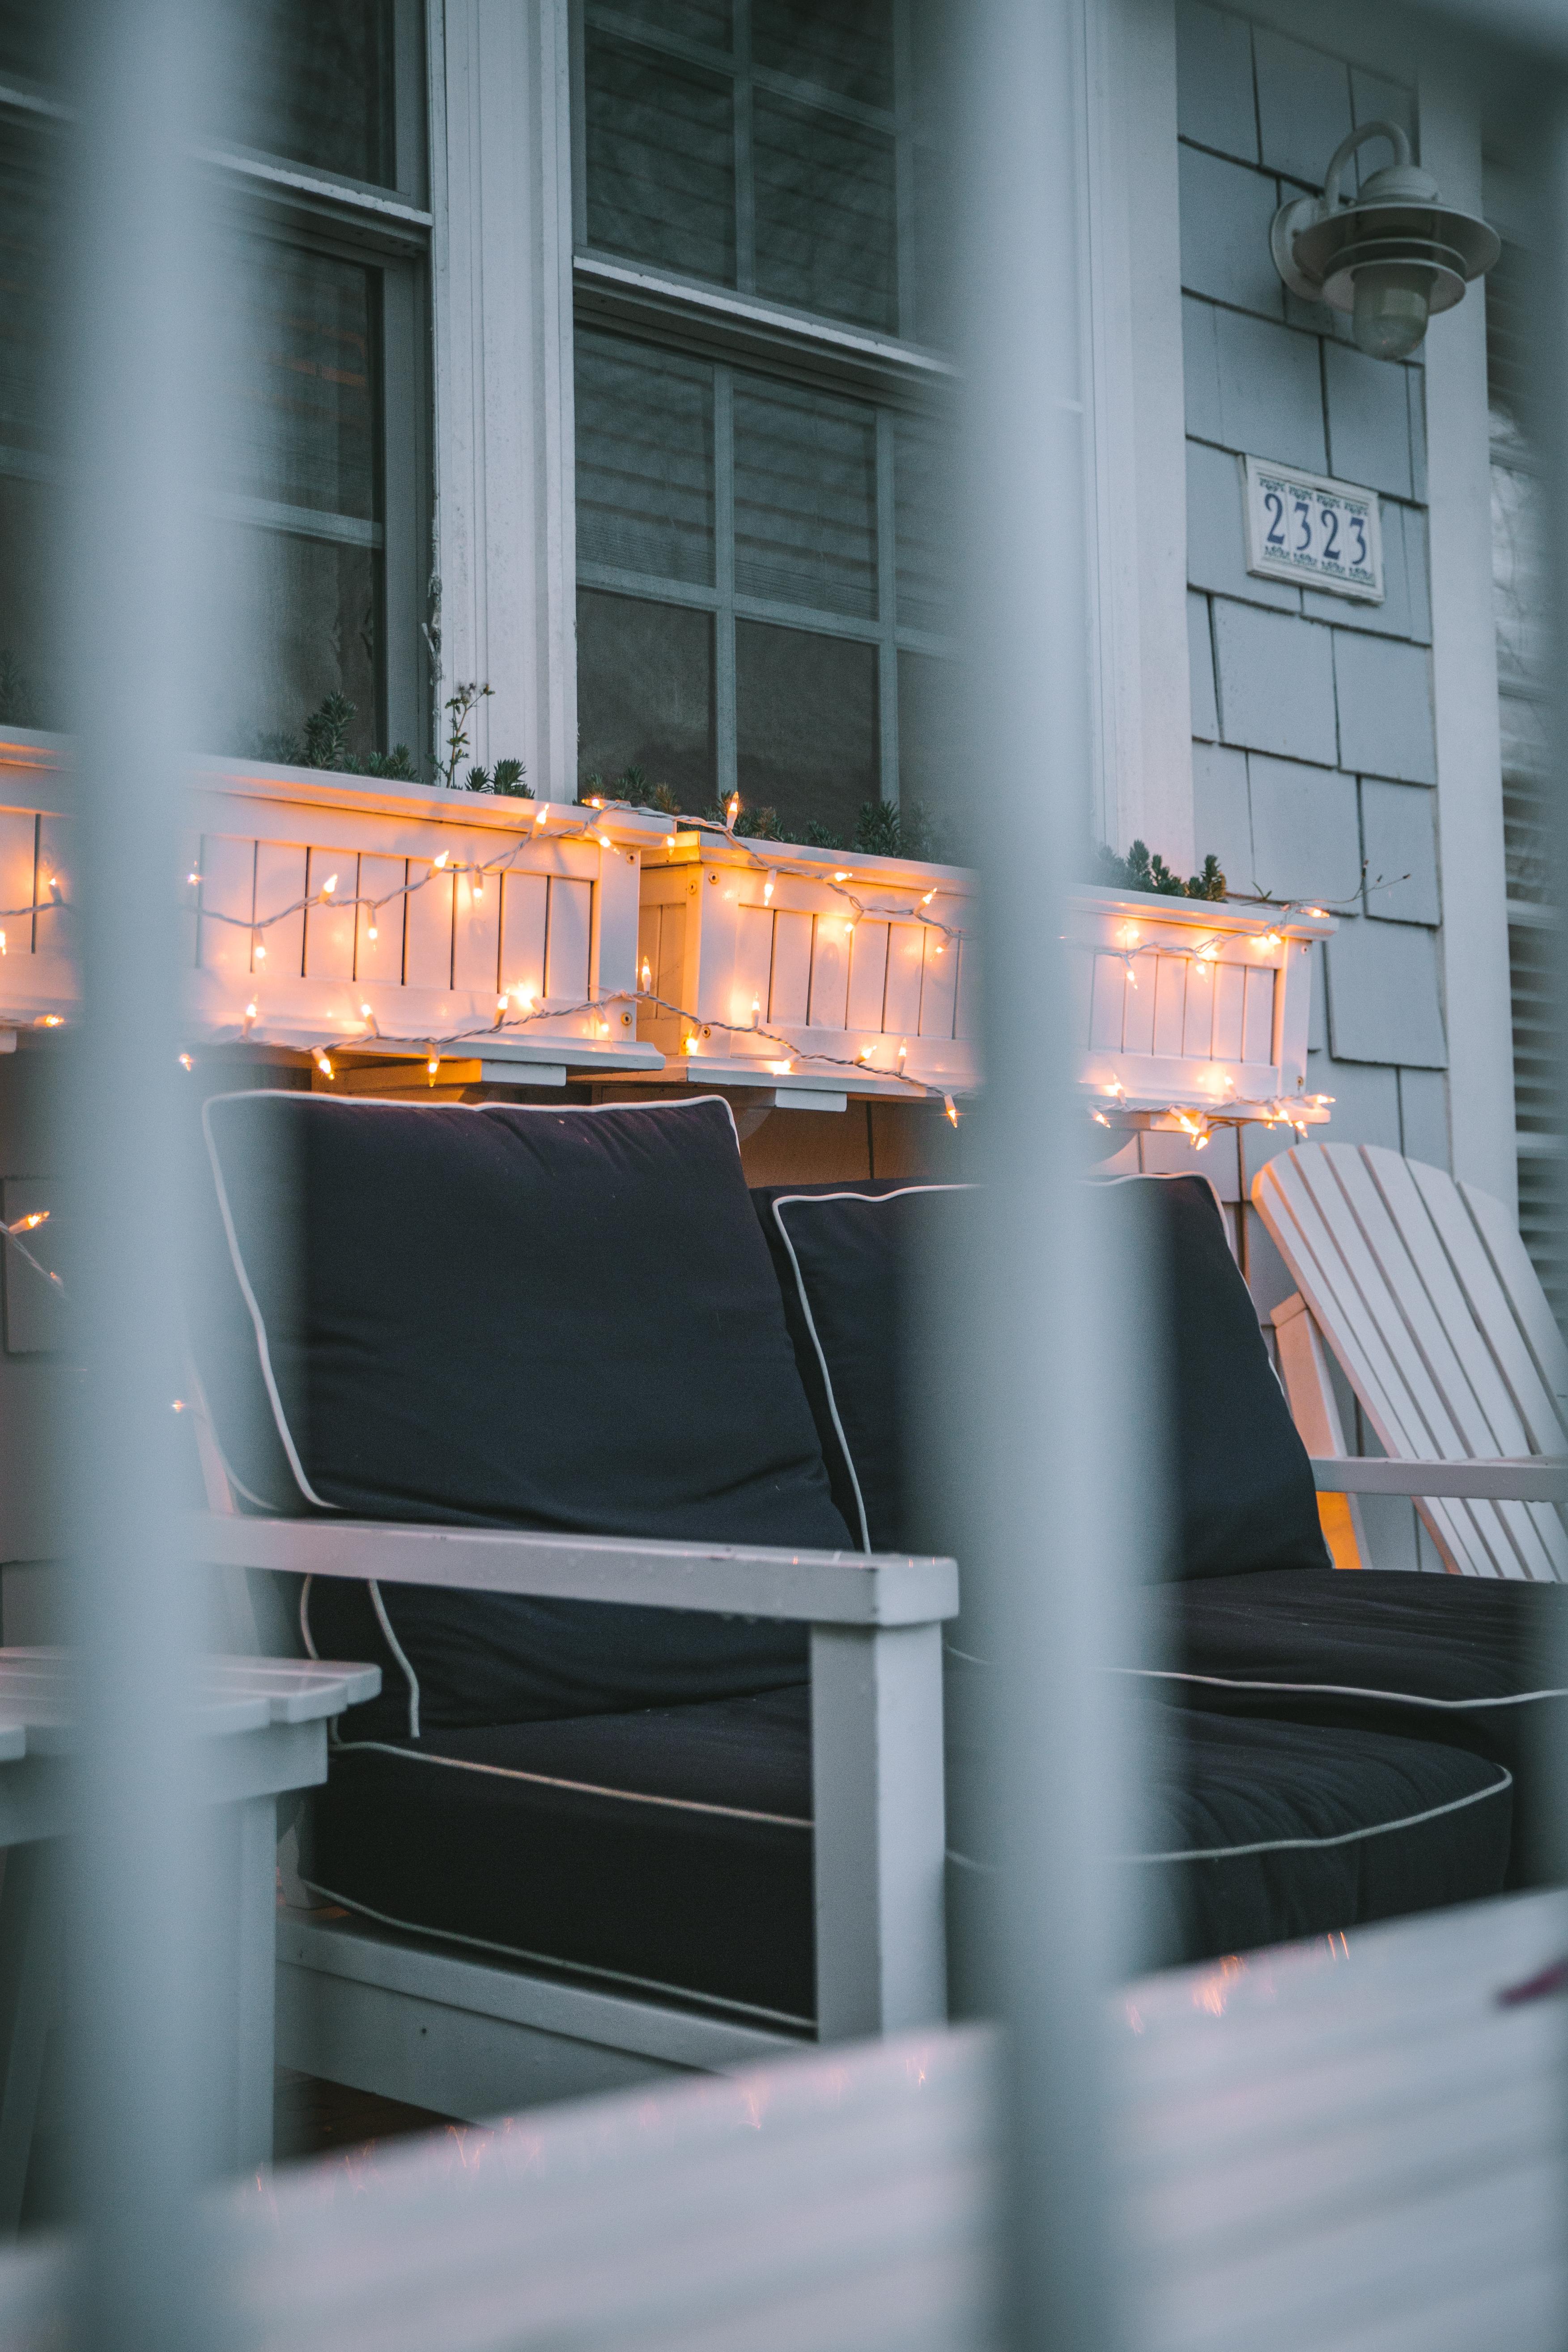 Mégane Arderighi - Maison Venice Beach Los Angeles